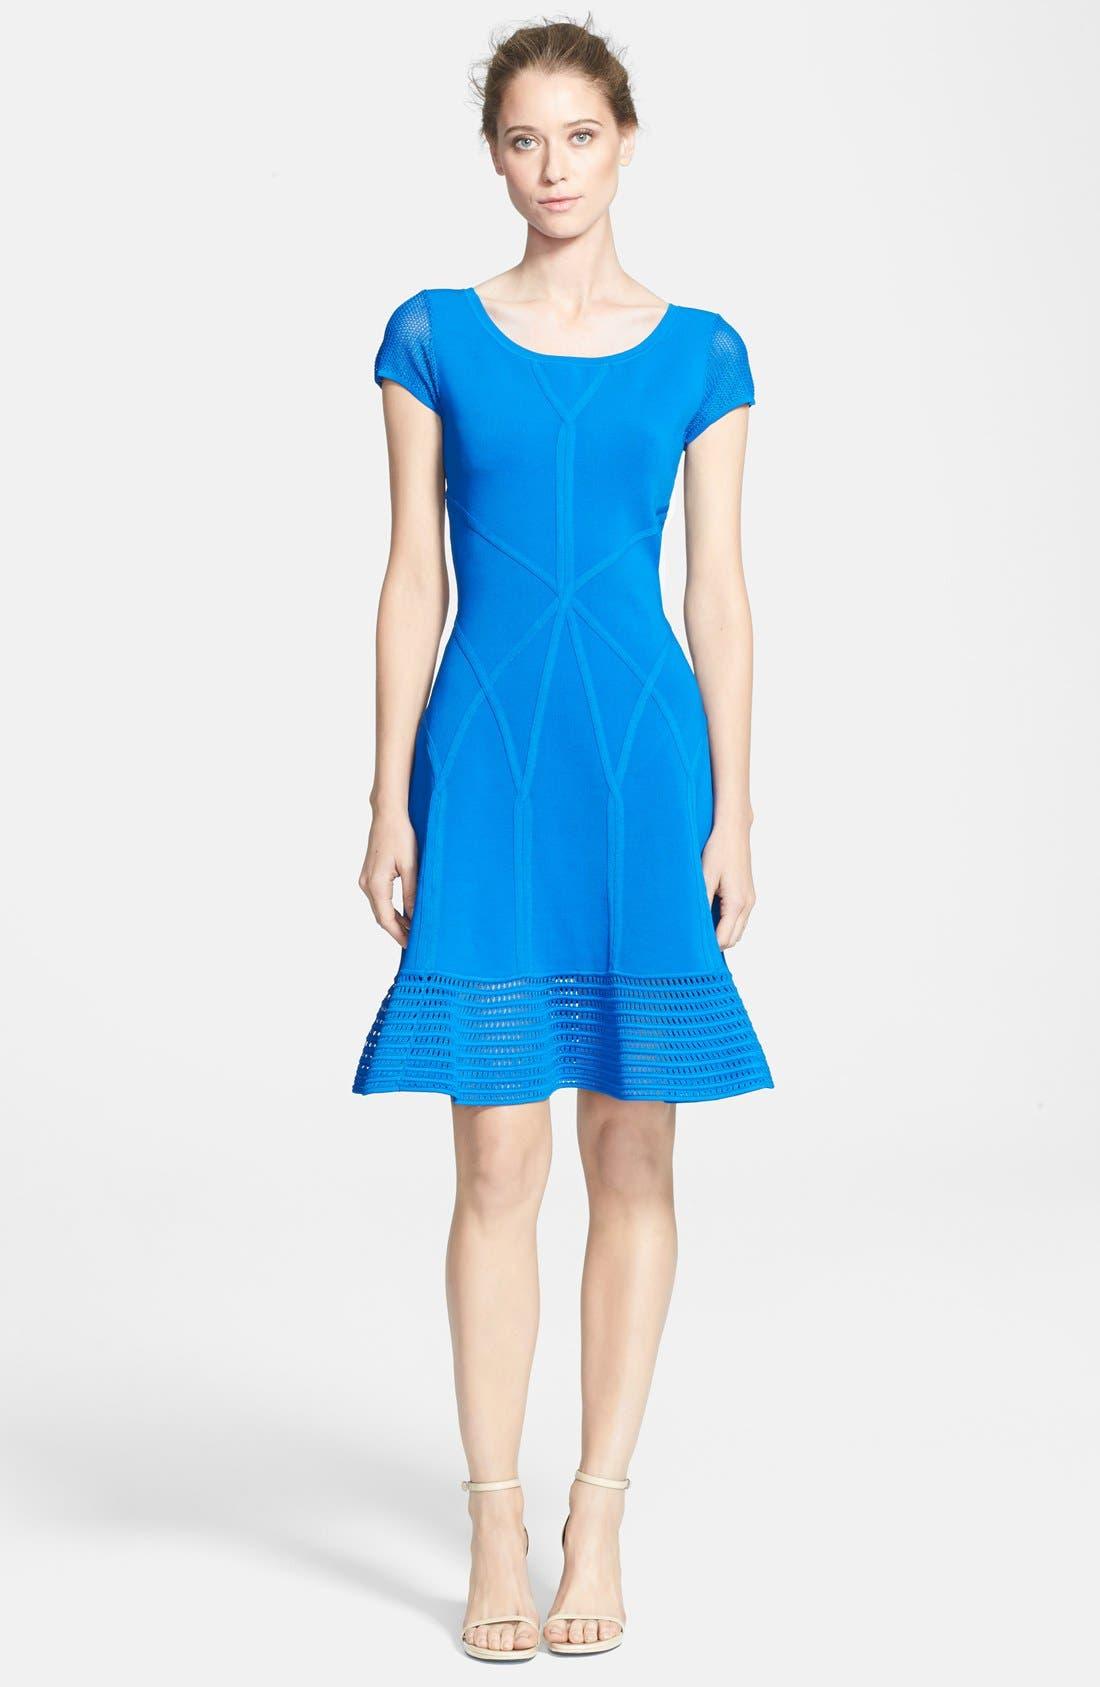 Main Image - Diane von Furstenberg 'St. Petersburg' Knit A-Line Dress